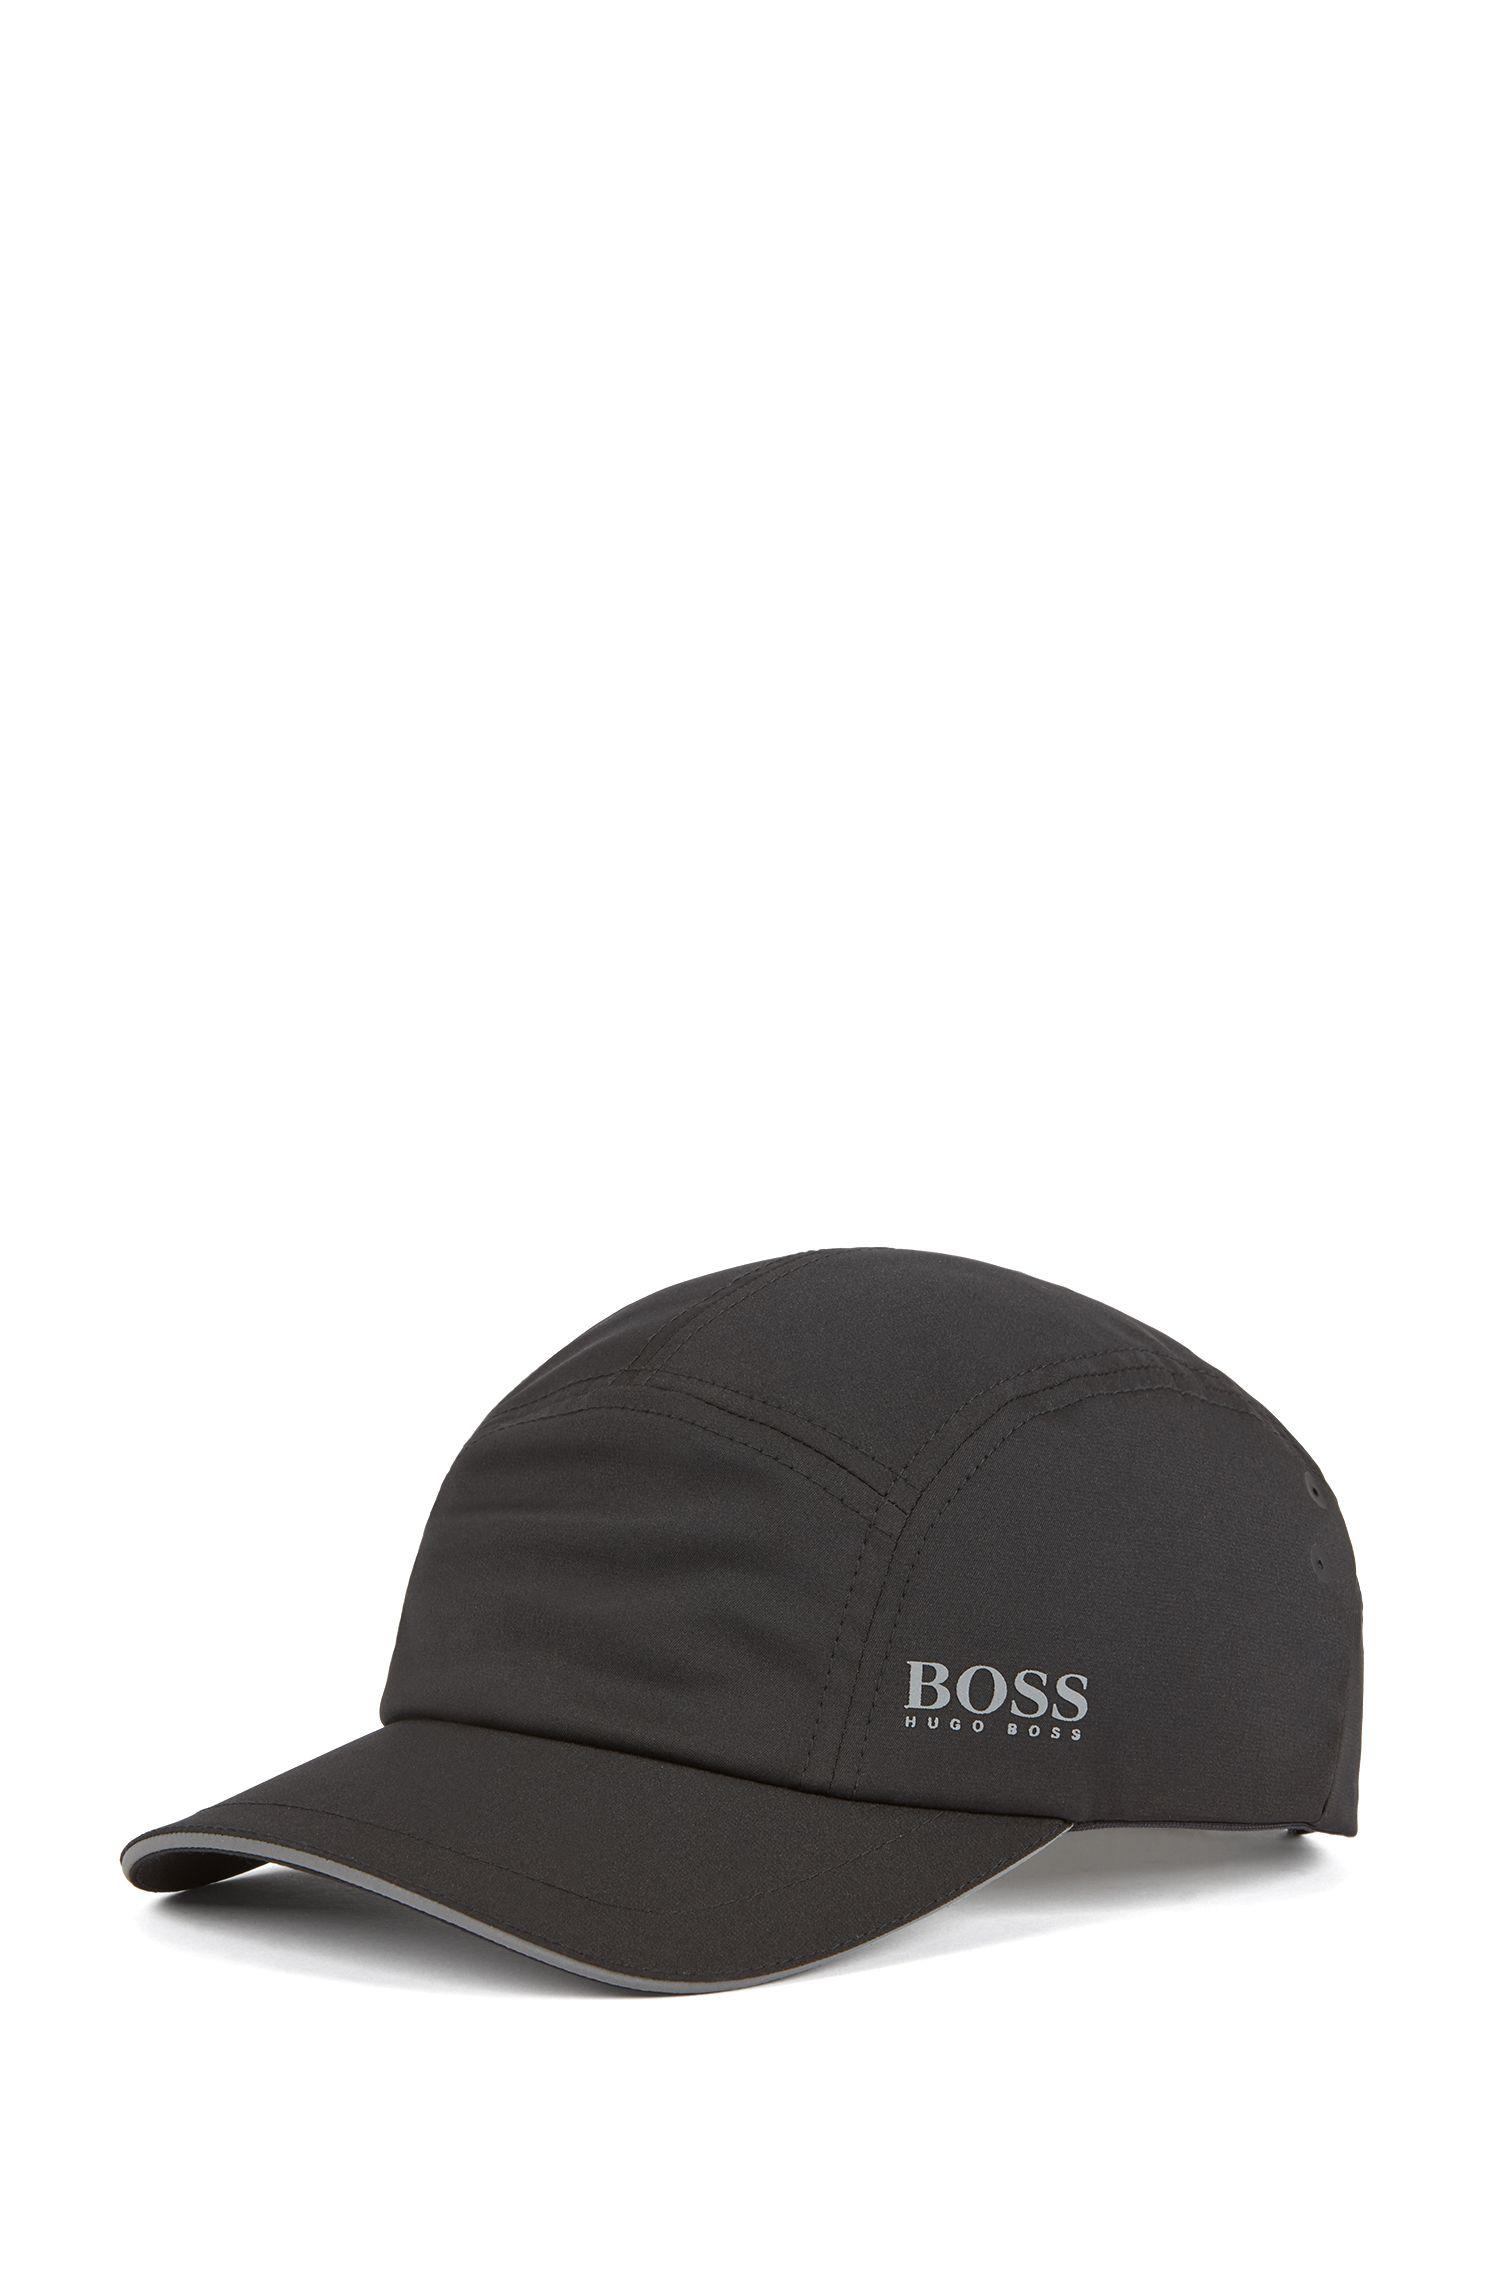 Hugo Boss - Gorra con visera recortada y detalles reflectantes - 1